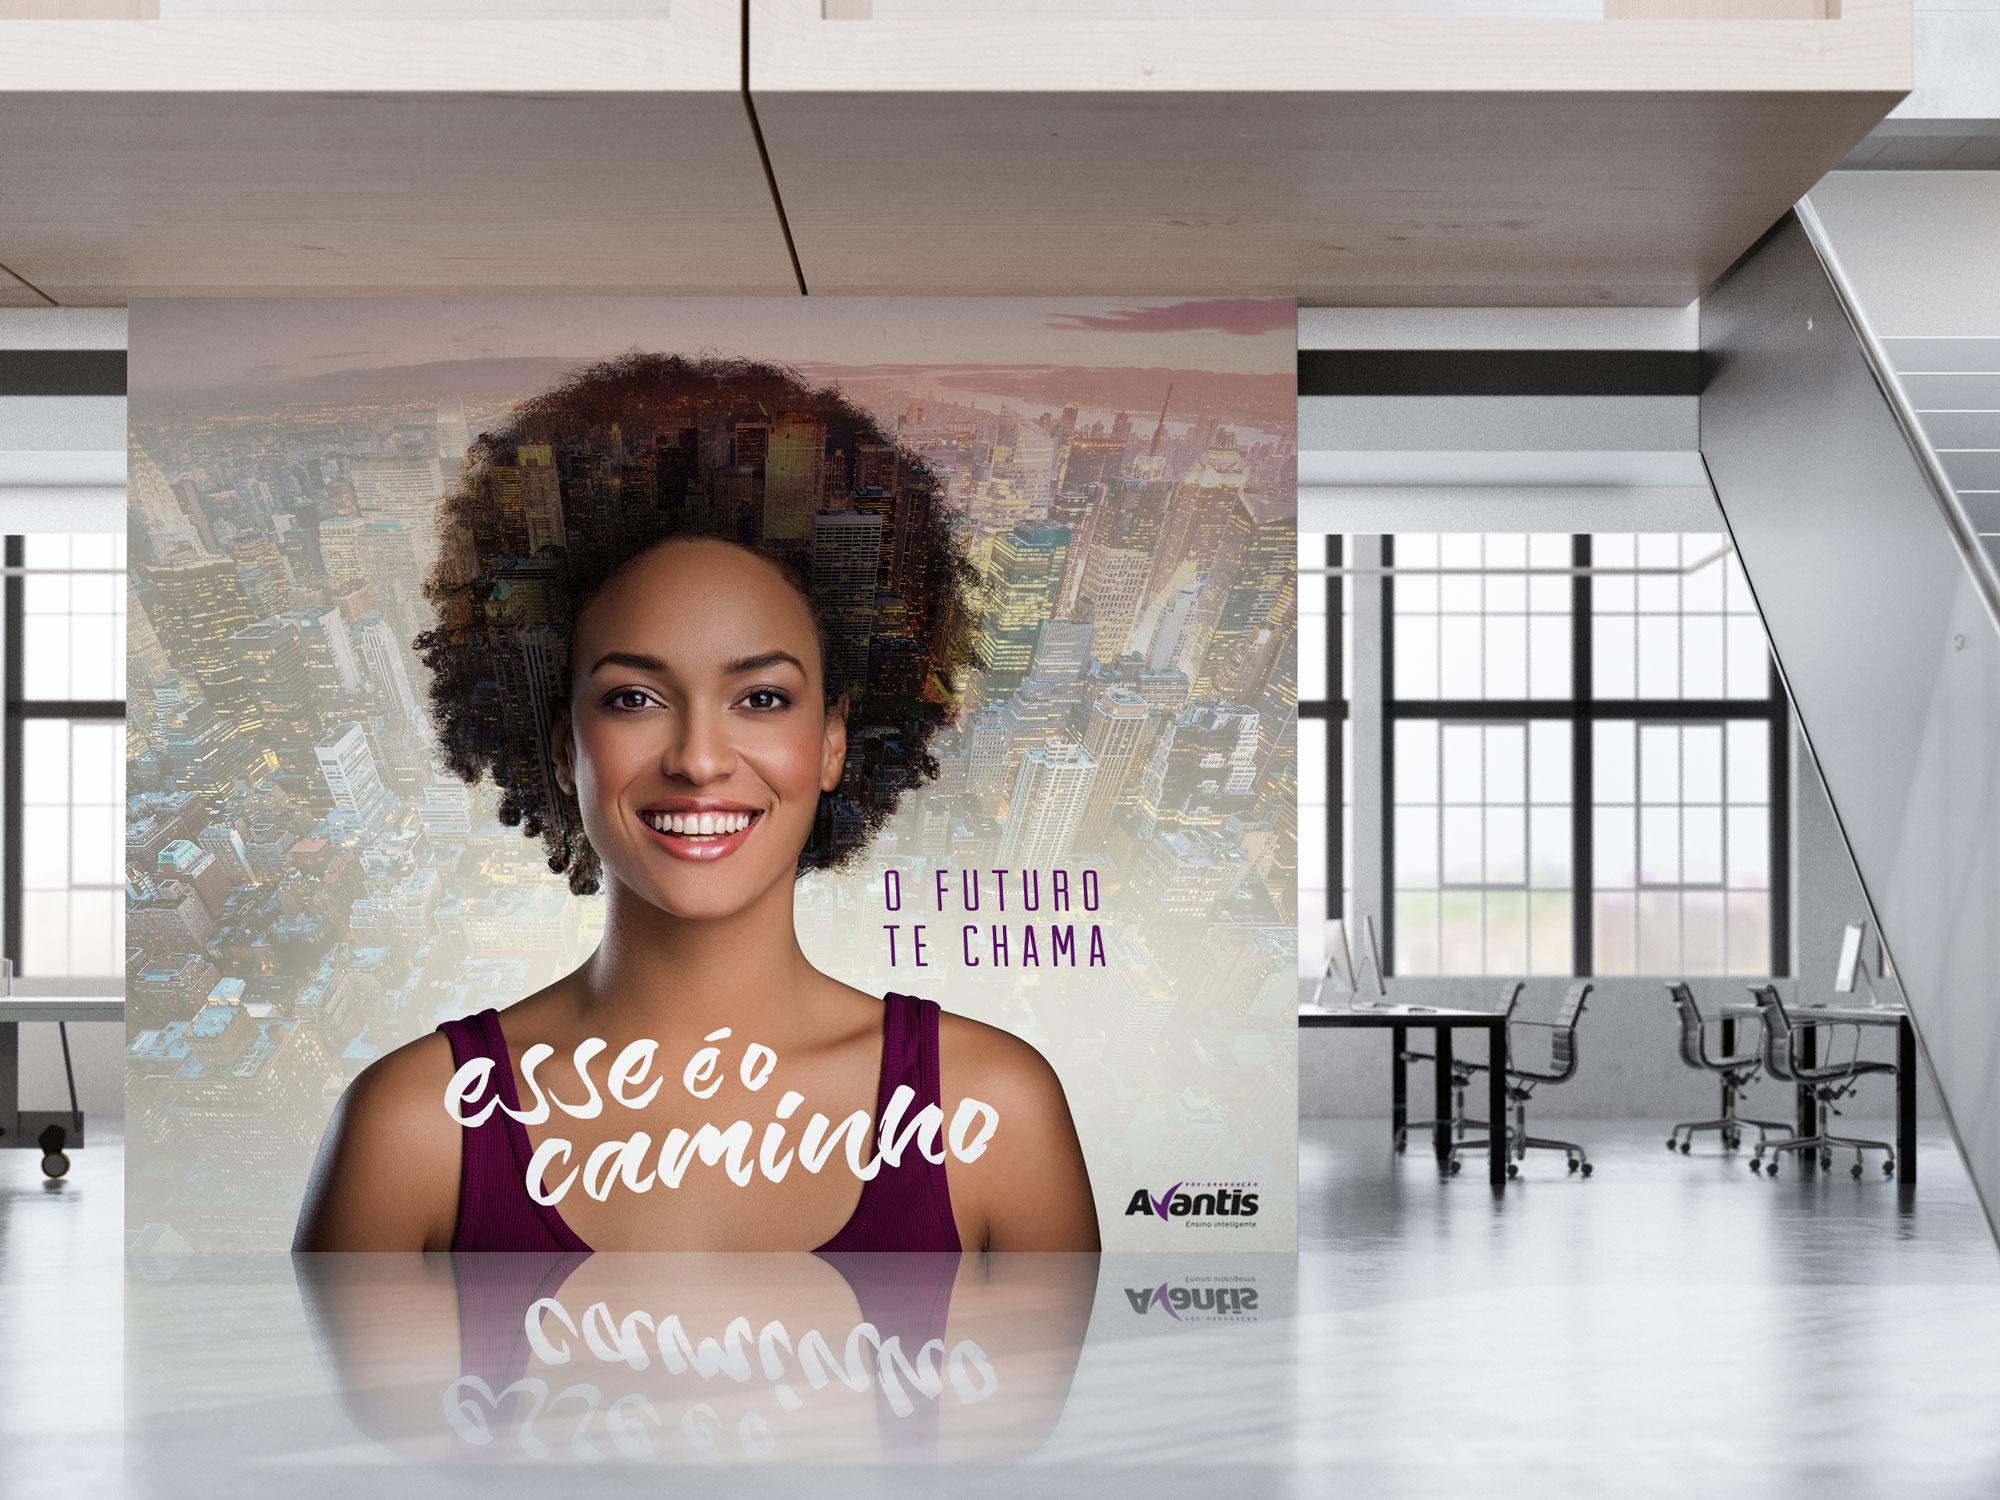 Inteligencia Marketing - Campanha Pós-Graduação Avantis 2017 - Parede